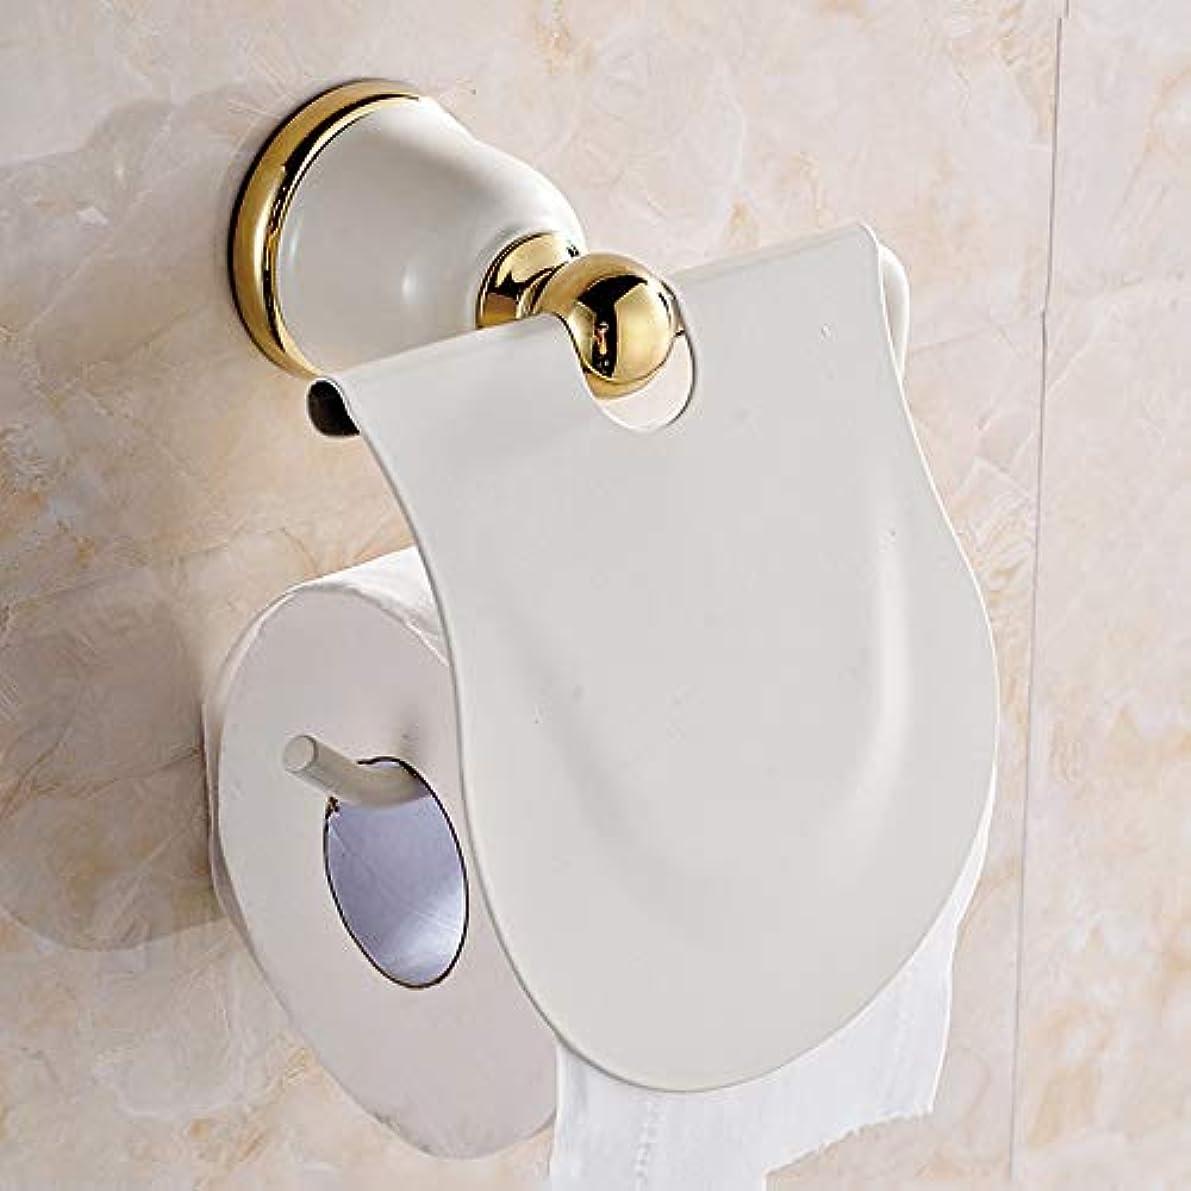 適切に彫るデザートZZLX 紙タオルホルダー、ヨーロピアンパストラルライスホワイトペイントロールカートントイレットペーパーホルダーゴールドアンティークティッシュボックスバスルームペンダント ロングハンドル風呂ブラシ (色 : ゴールド)